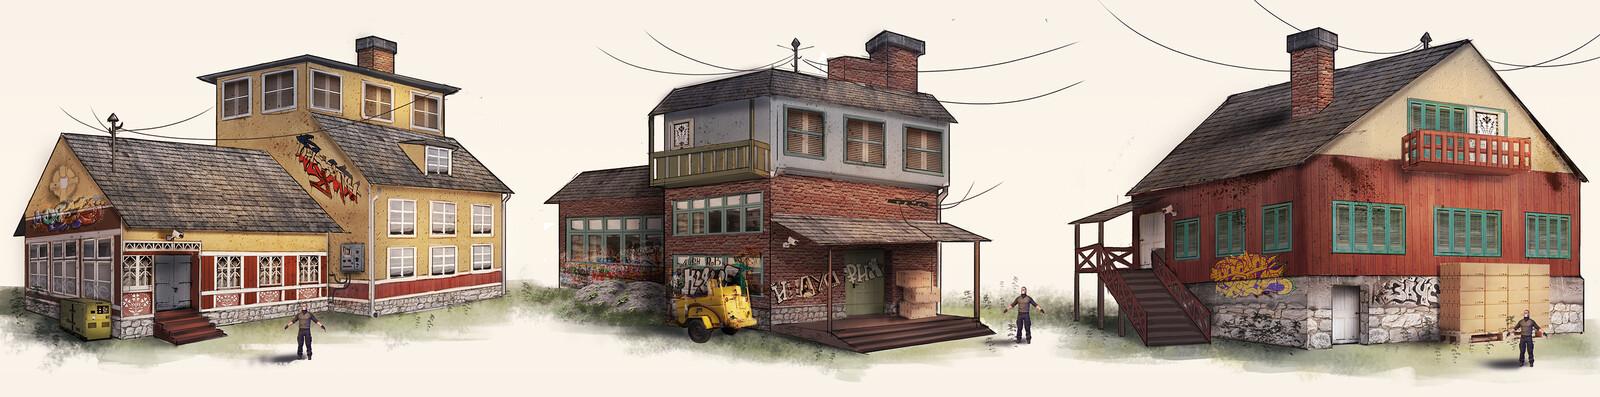 Soviet house bandit headquarters concepts